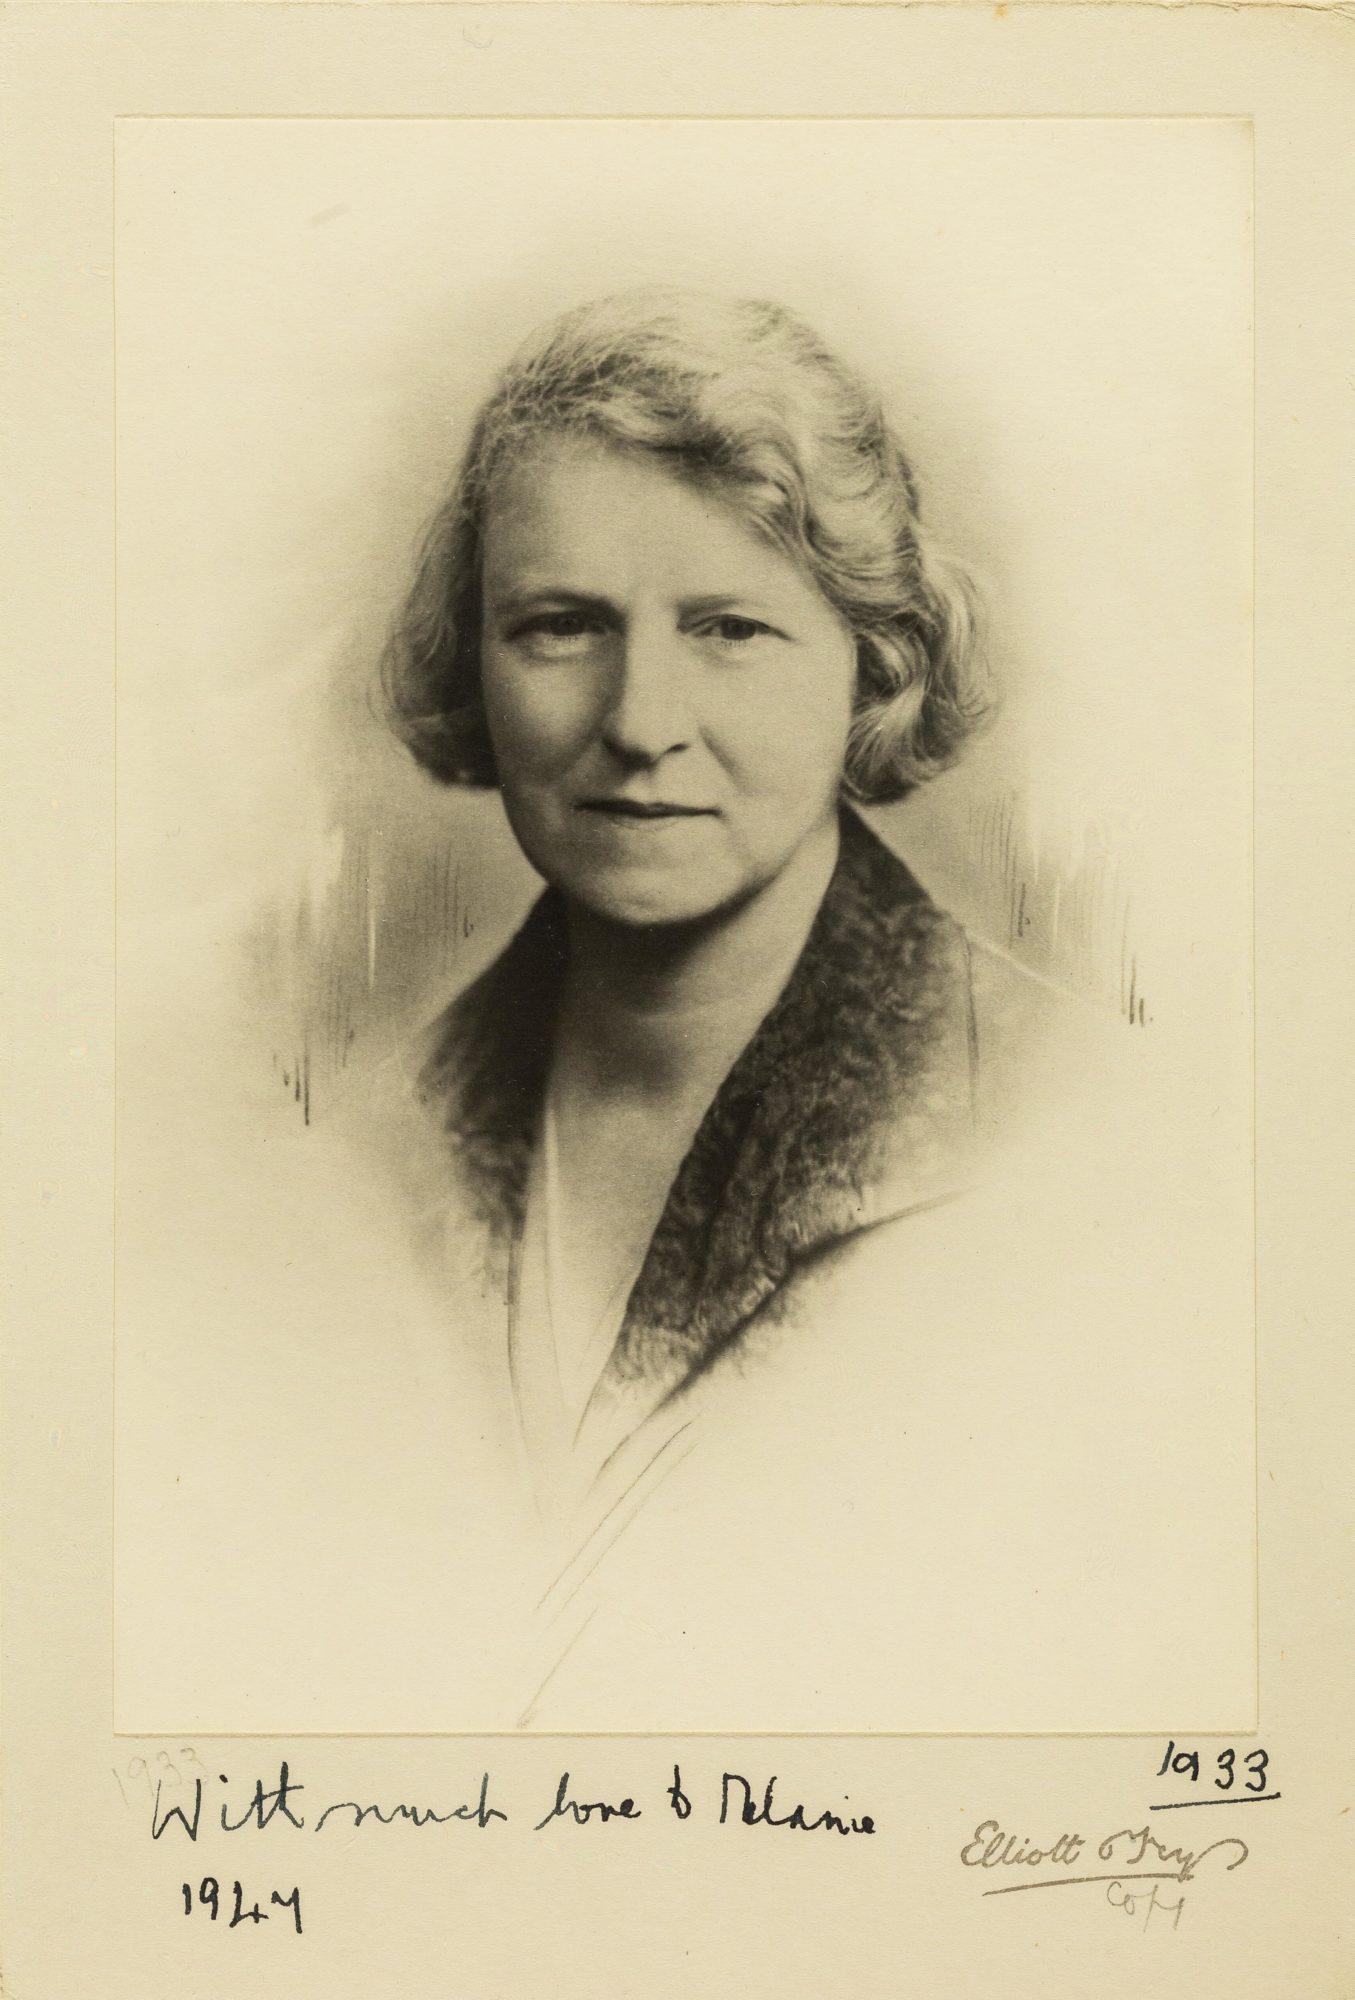 Fotografía de Susan Isaacs tomada en 1933, con la dedicatoria: 'Con mucho cariño para Melanie. 1947'